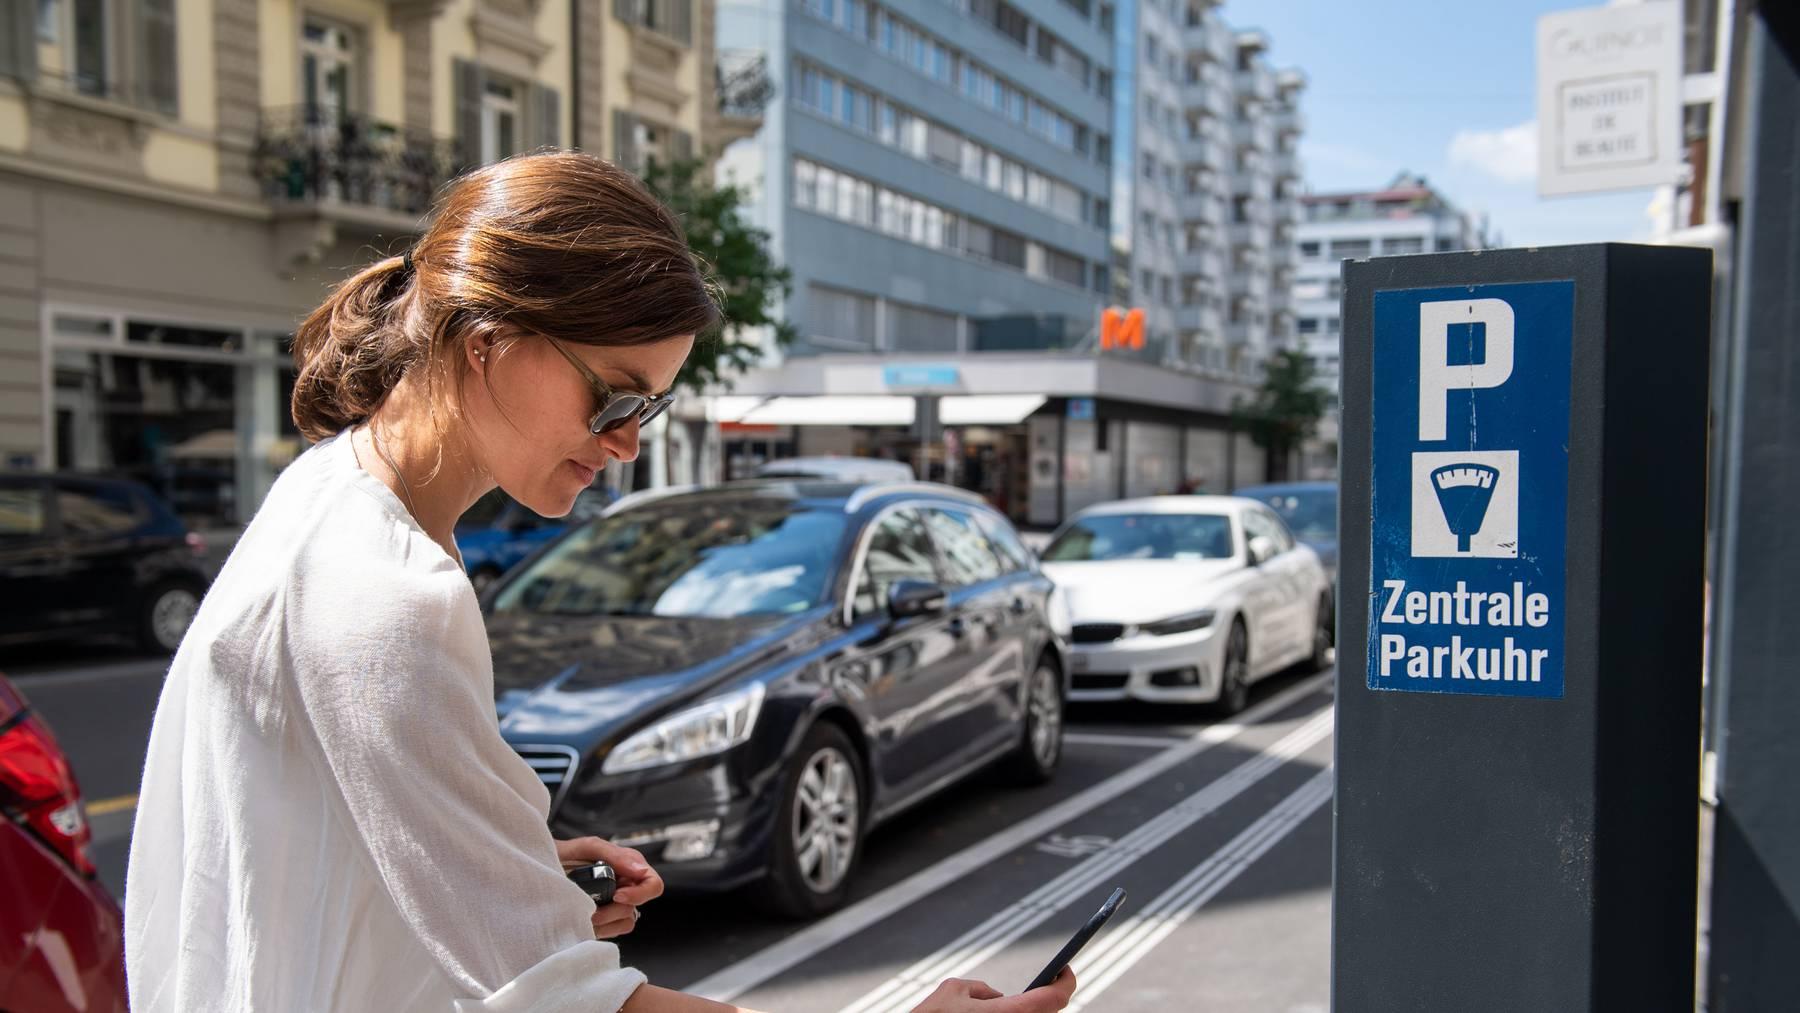 Twint-Nutzer können ihren Parkplatz inzwischen auch direkt aus dem Auto heraus buchen und bezahlen.